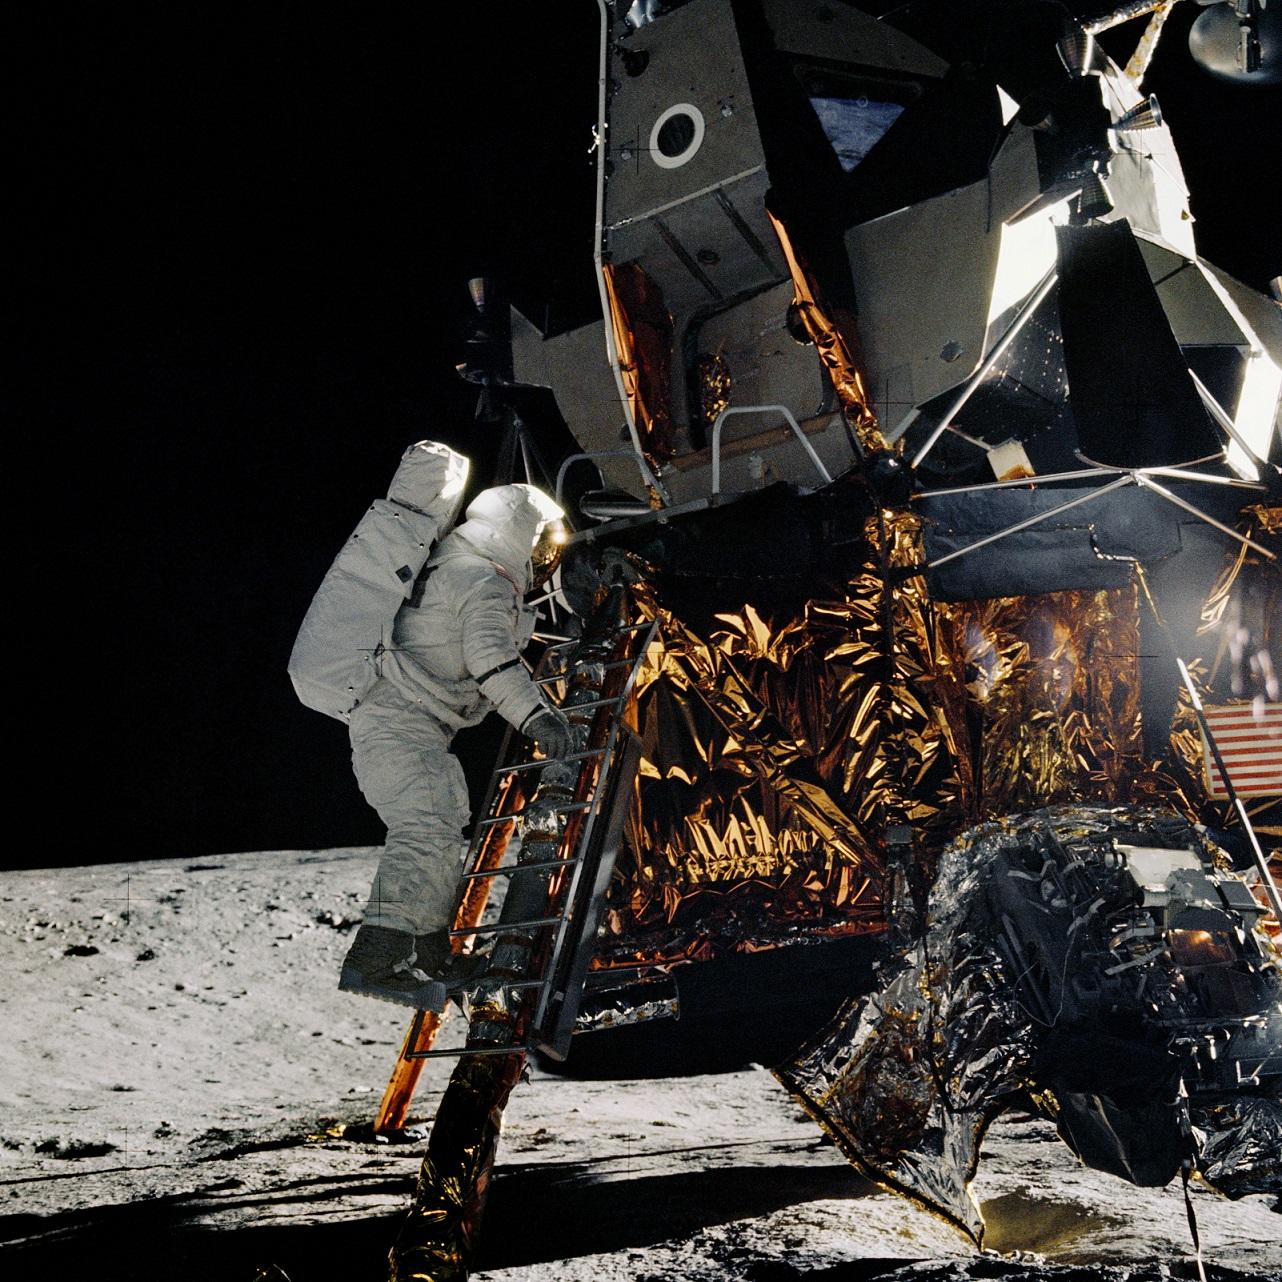 Students celebrate 50th anniversary of Apollo 11 moon